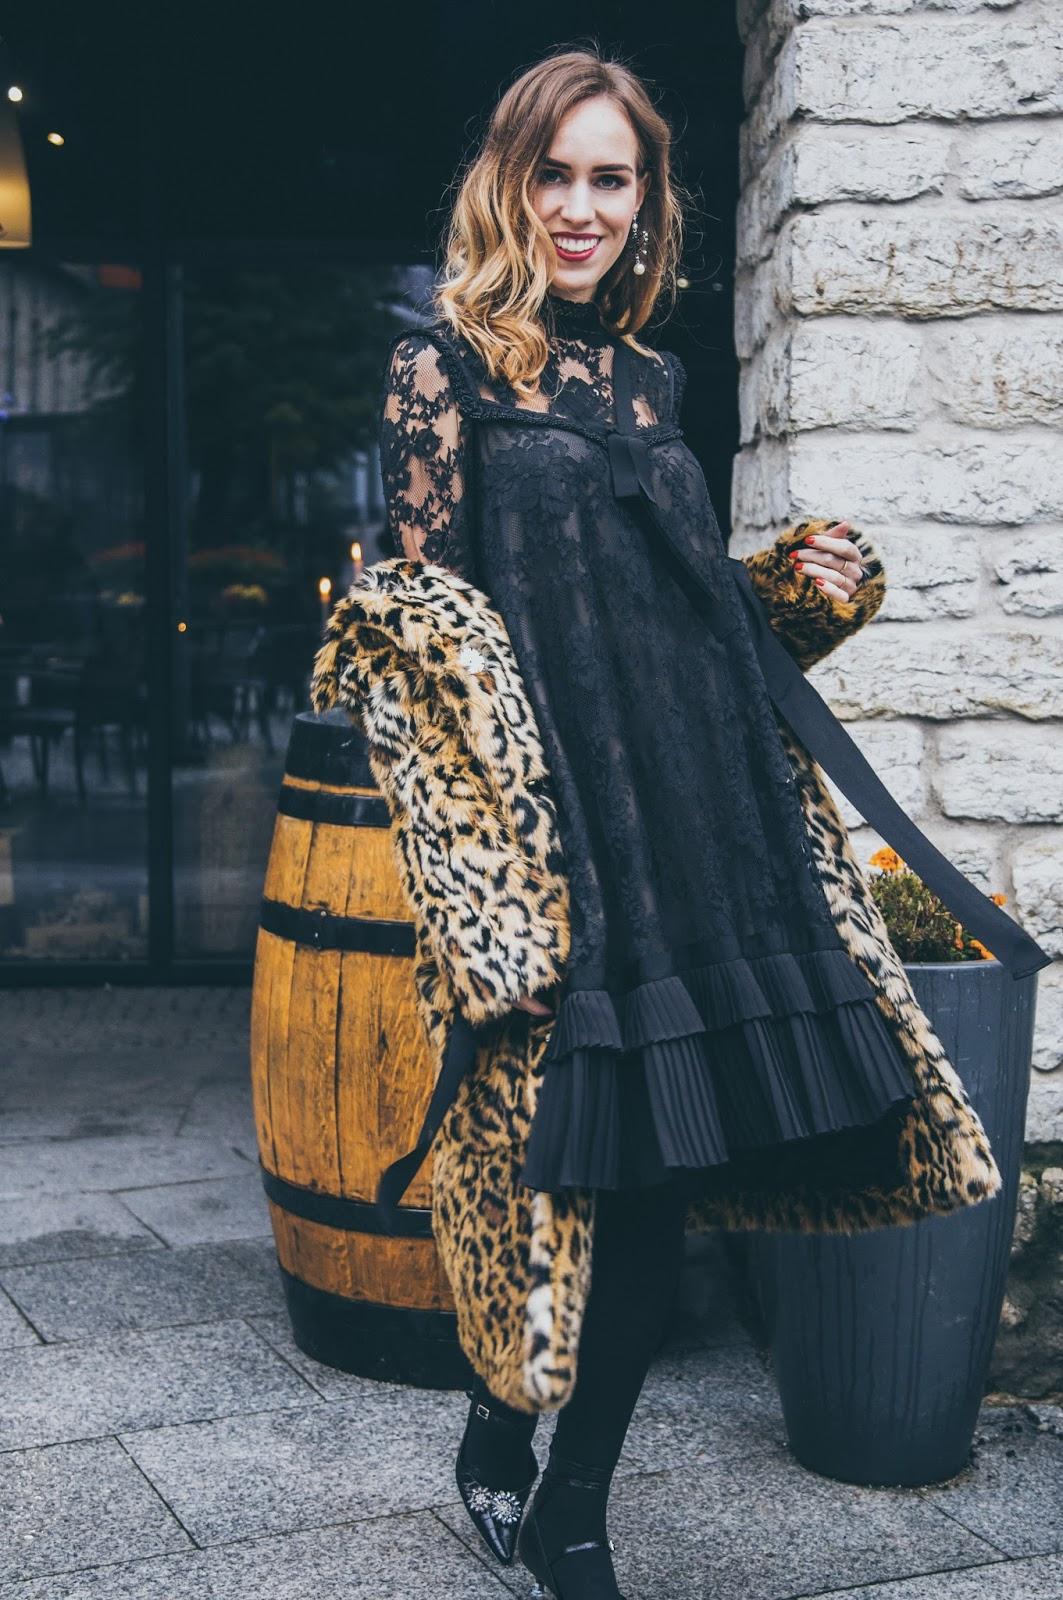 erdem x hm collaboration collection black lace dress leopard coat outfit